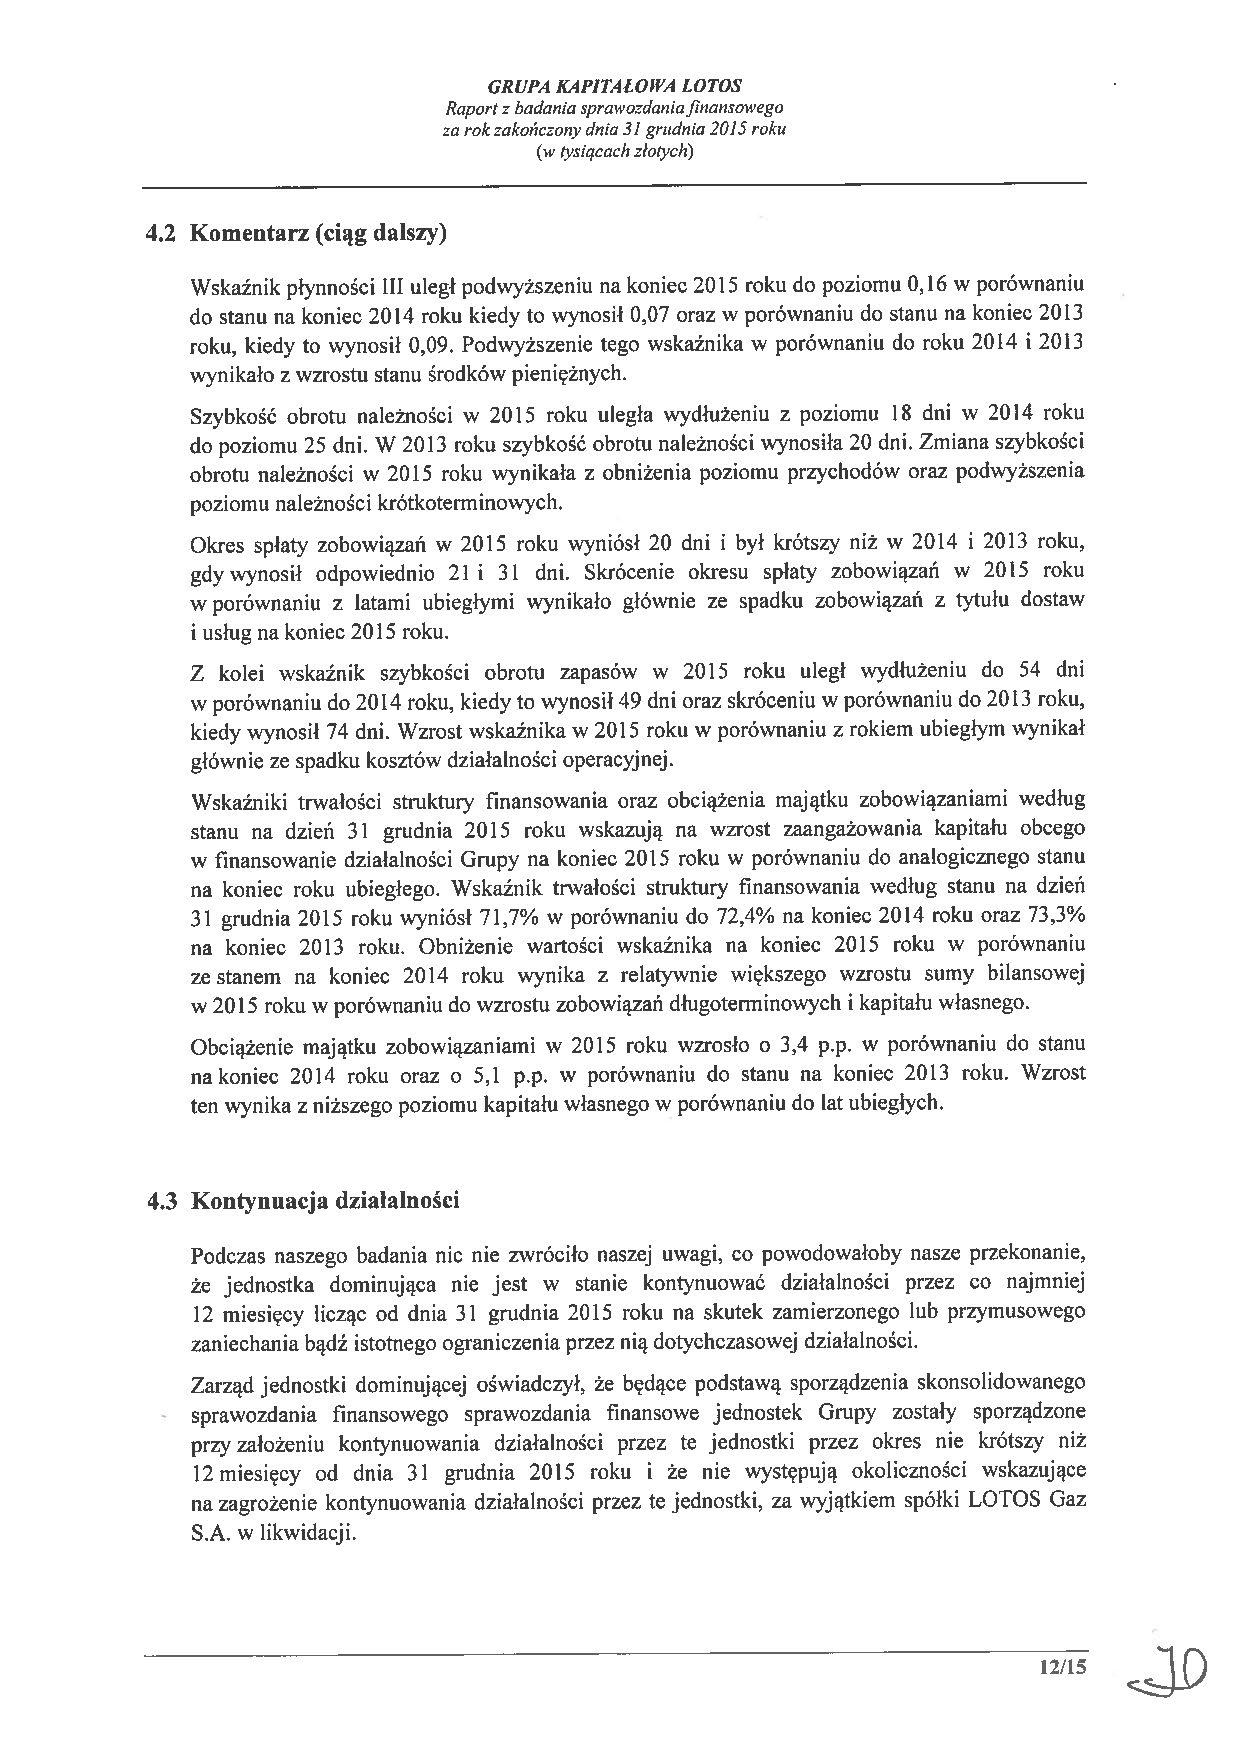 Grupa Kapitalowa LOTOS 2015 - Raport audytora z badania Skonsolidowanego Sprawozdania Finansowego strona 12